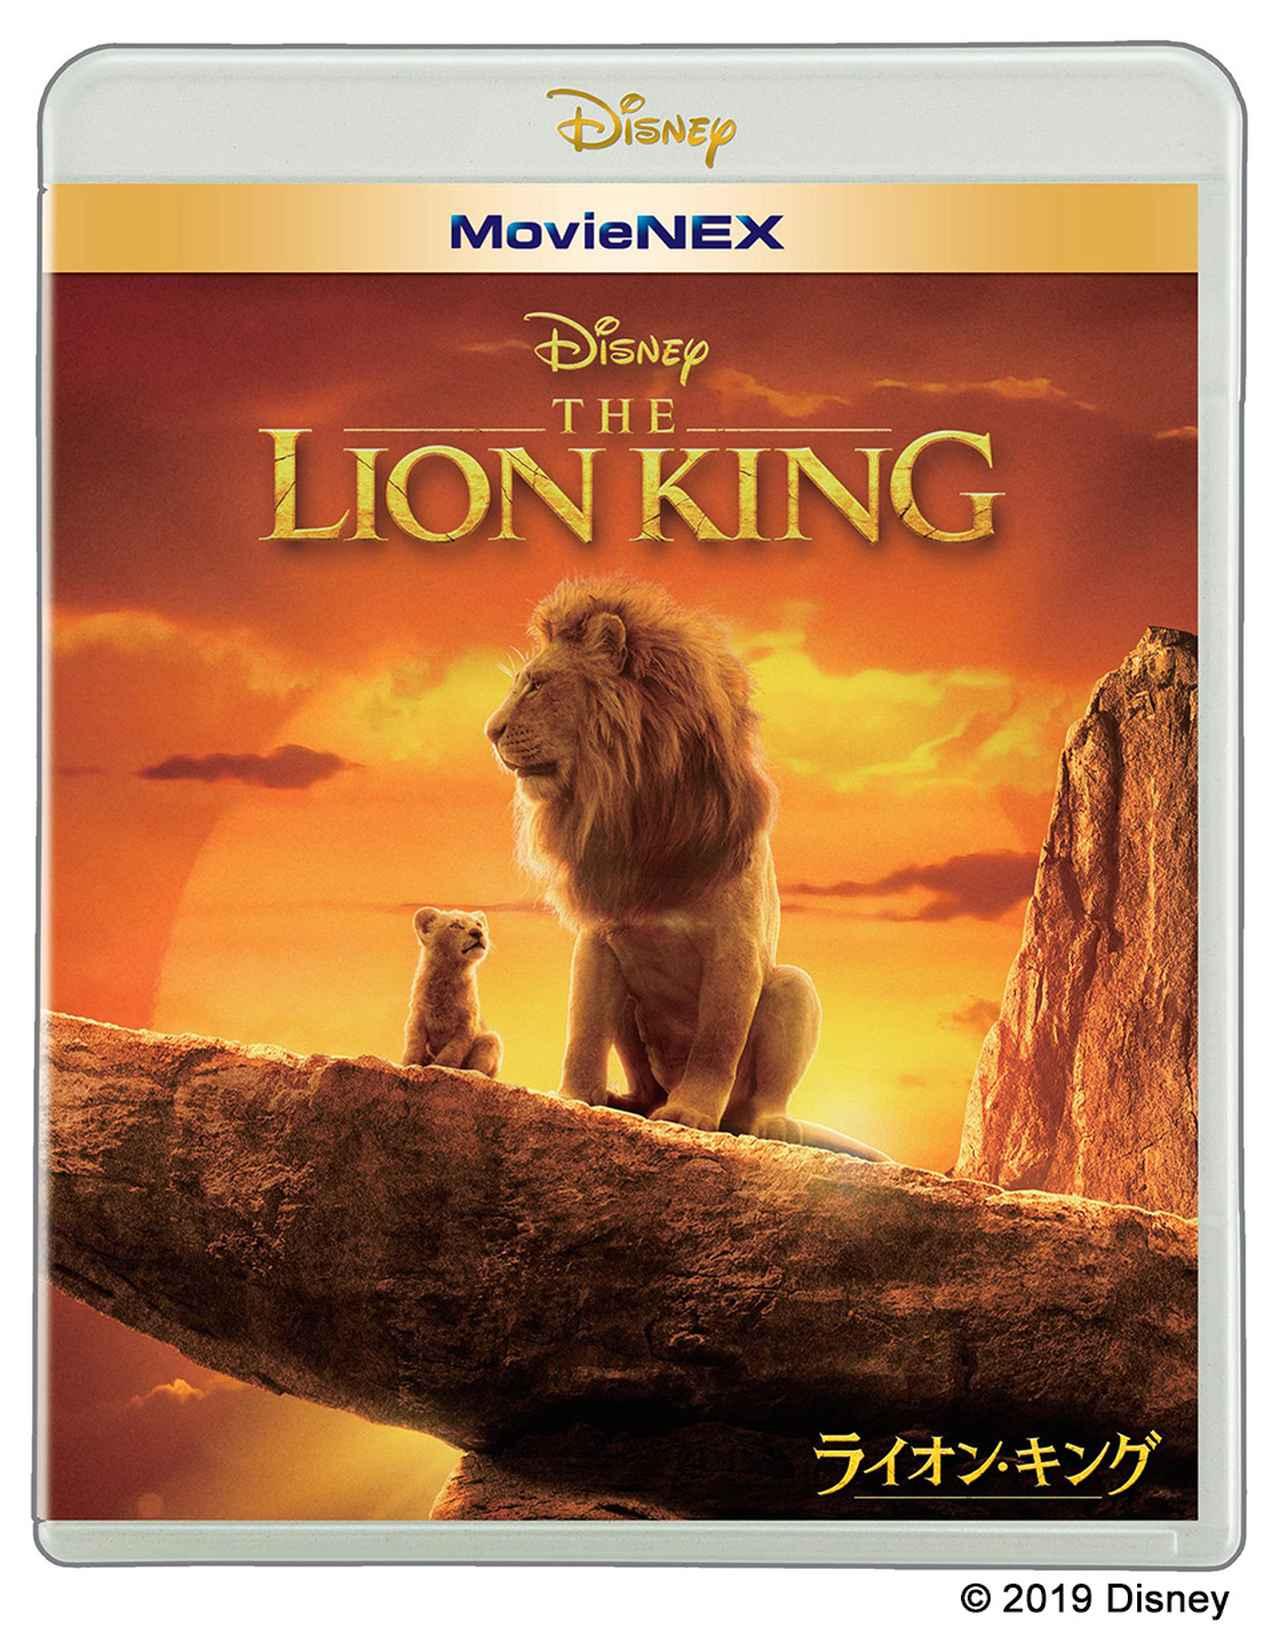 画像: 11月20日(水)先行デジタル配信開始 12月4日(水)発売 『ライオン・キング MovieNEX』4200円+税 © 2019 Disney